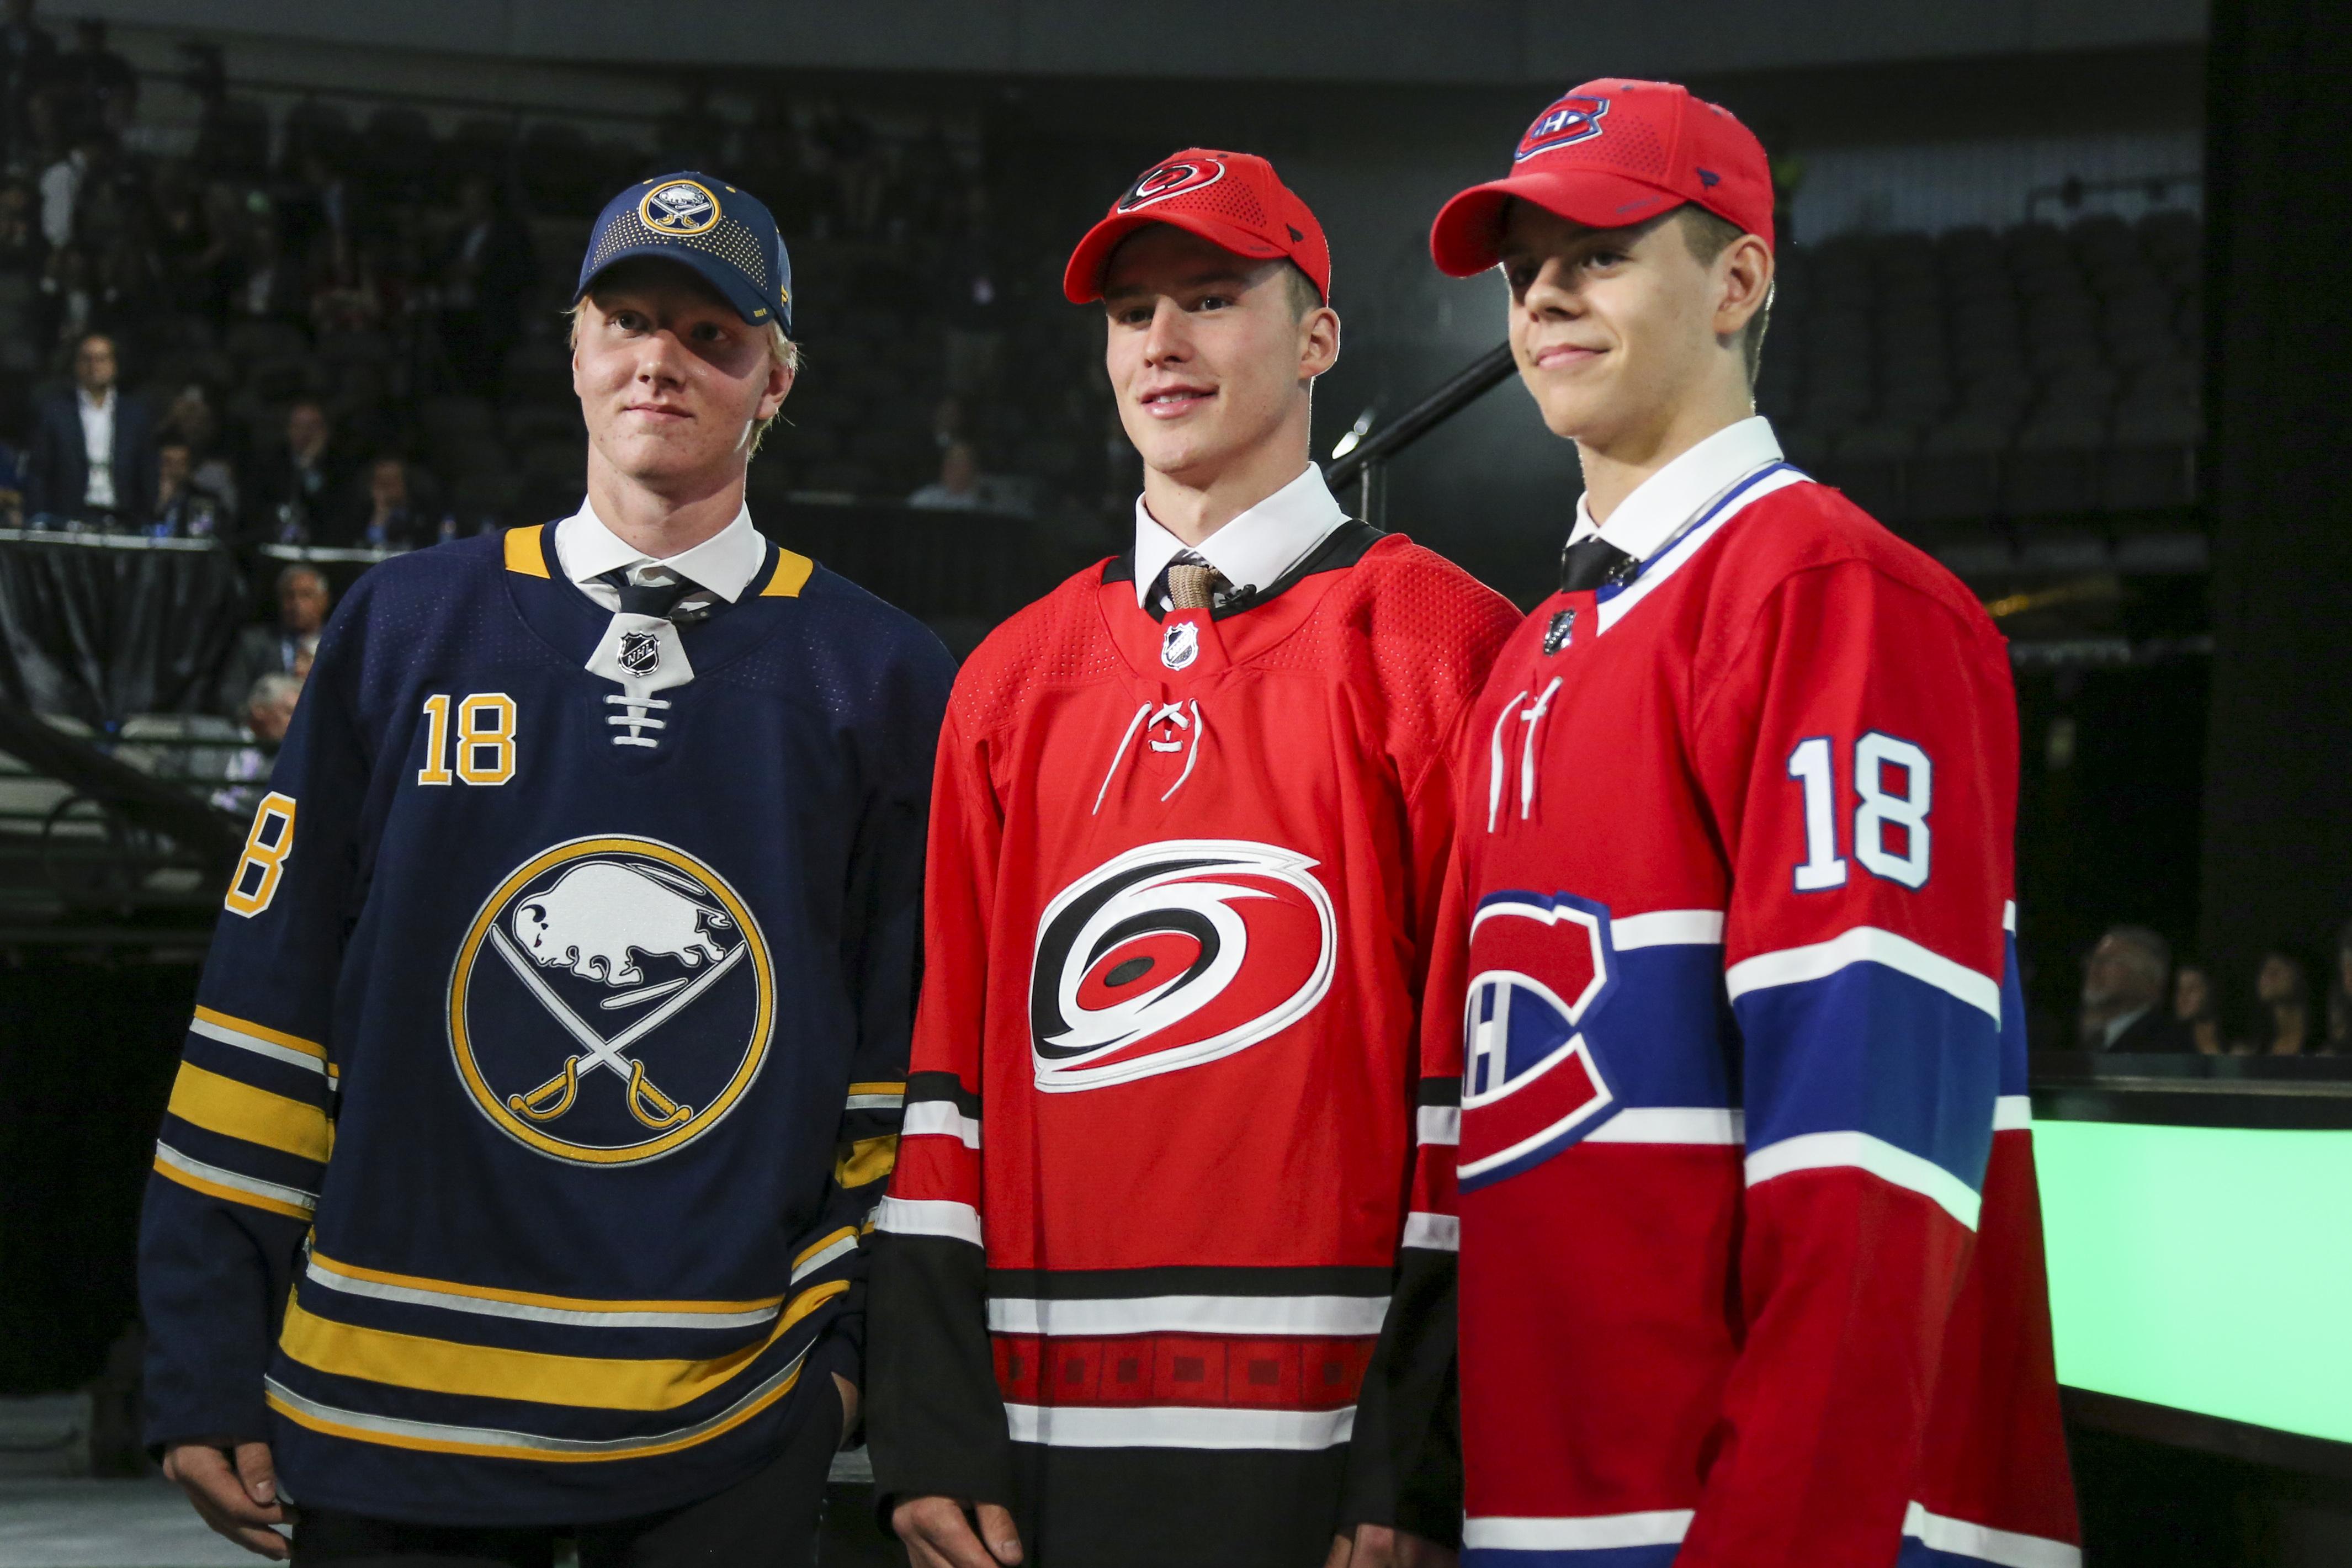 NHL: JUN 22 NHL Draft